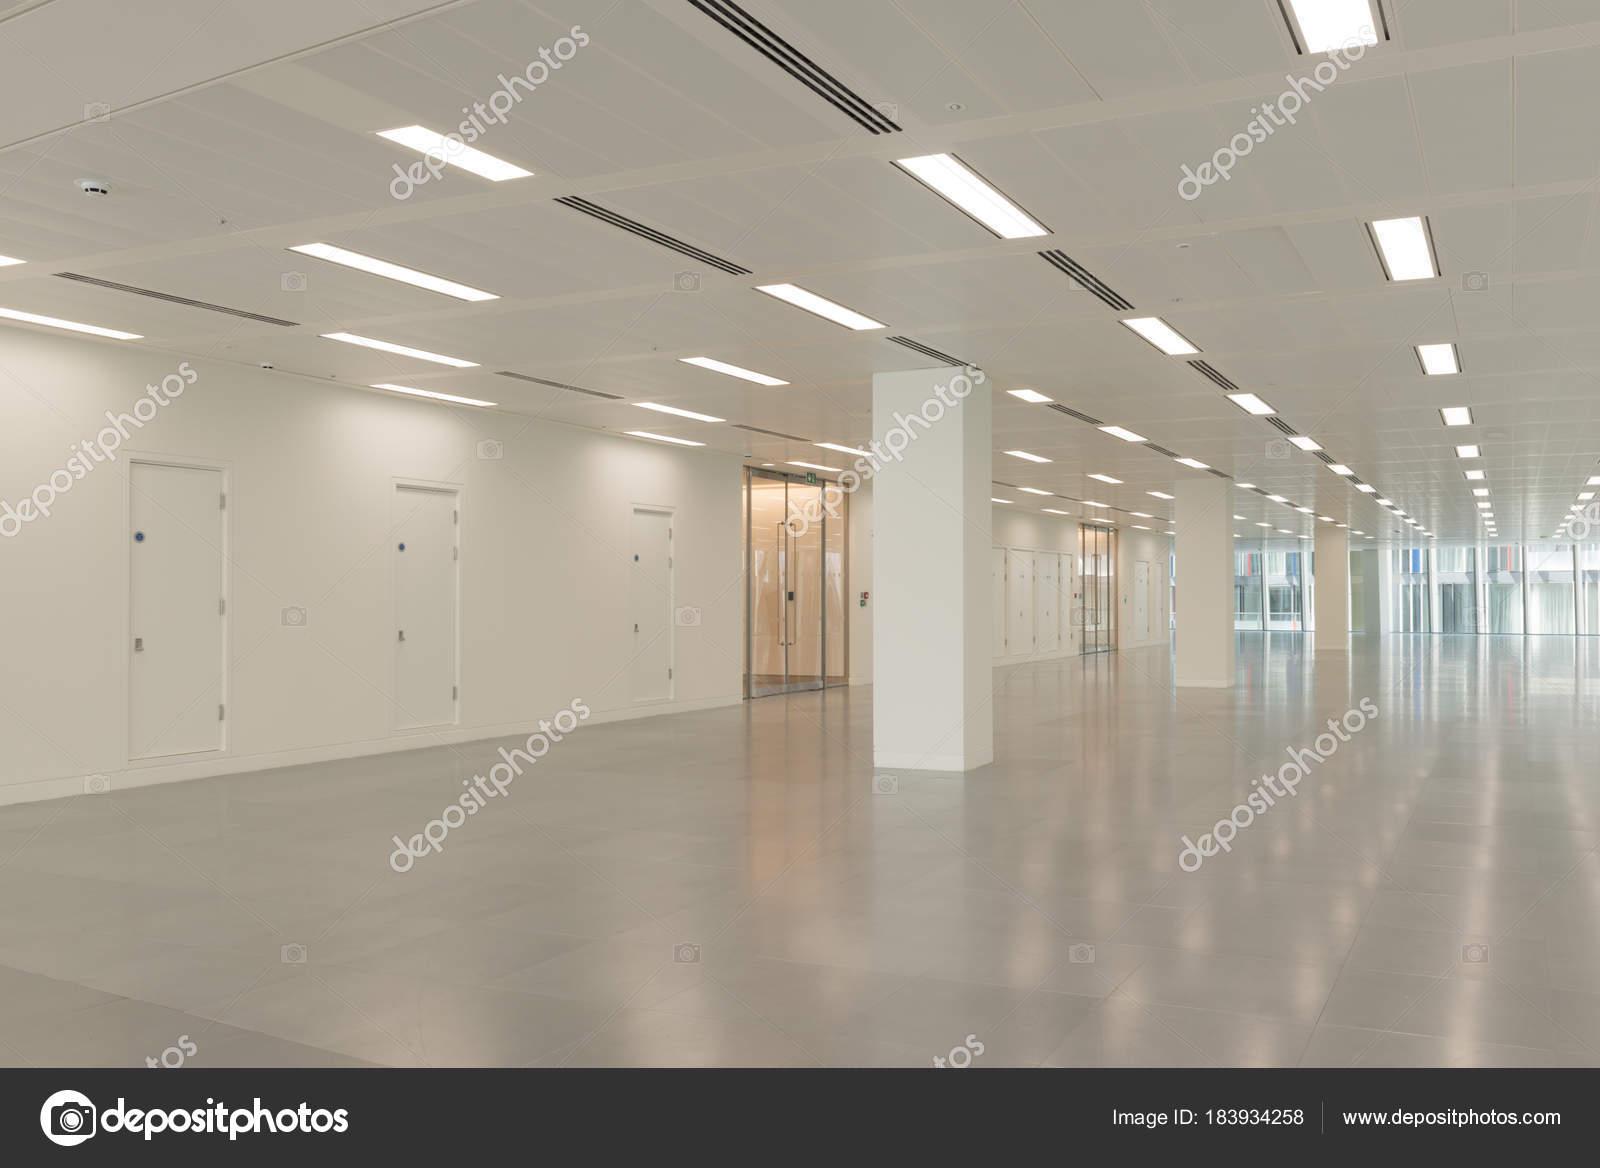 Ufficio vuoto interno con le luci di illuminazione del soffitto